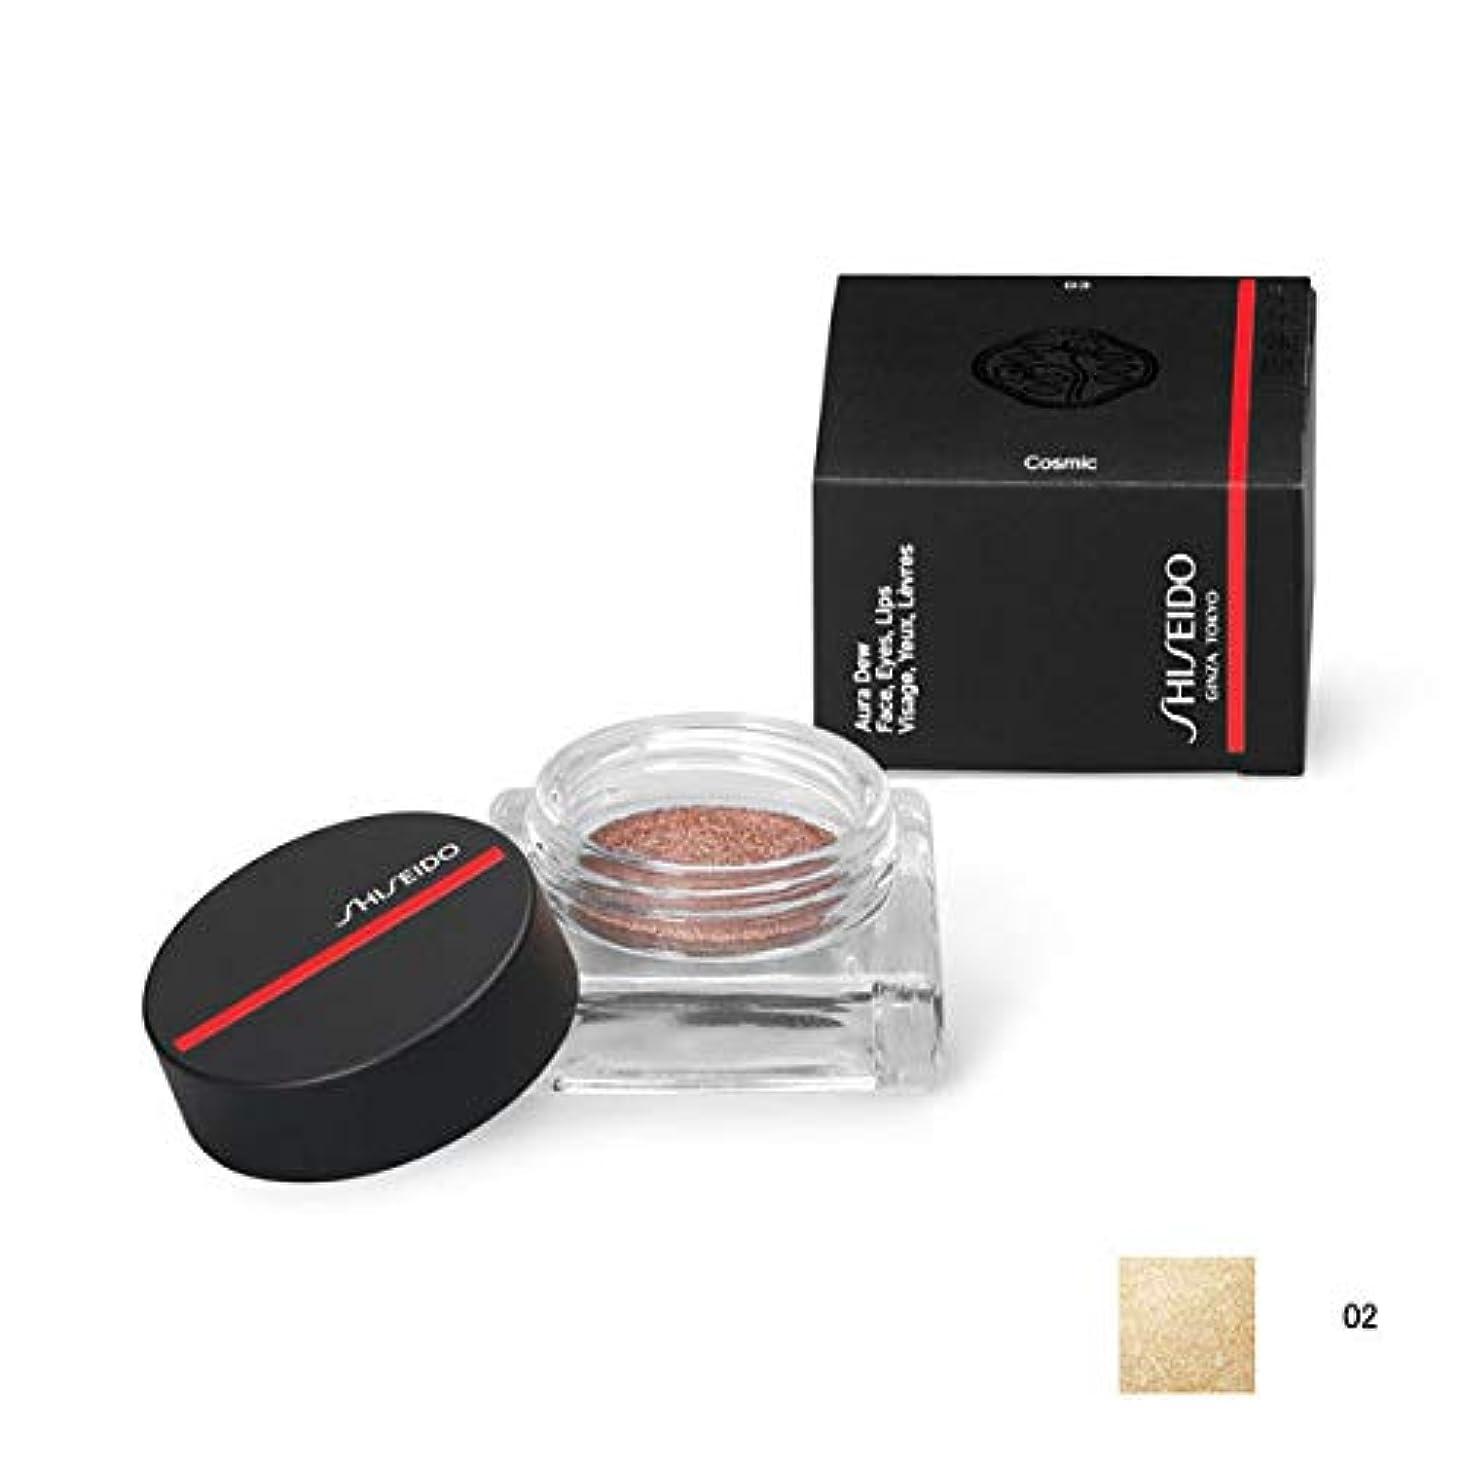 発症勇者配分SHISEIDO Makeup(資生堂 メーキャップ) SHISEIDO(資生堂) SHISEIDO オーラデュウ プリズム 4.8g (02)